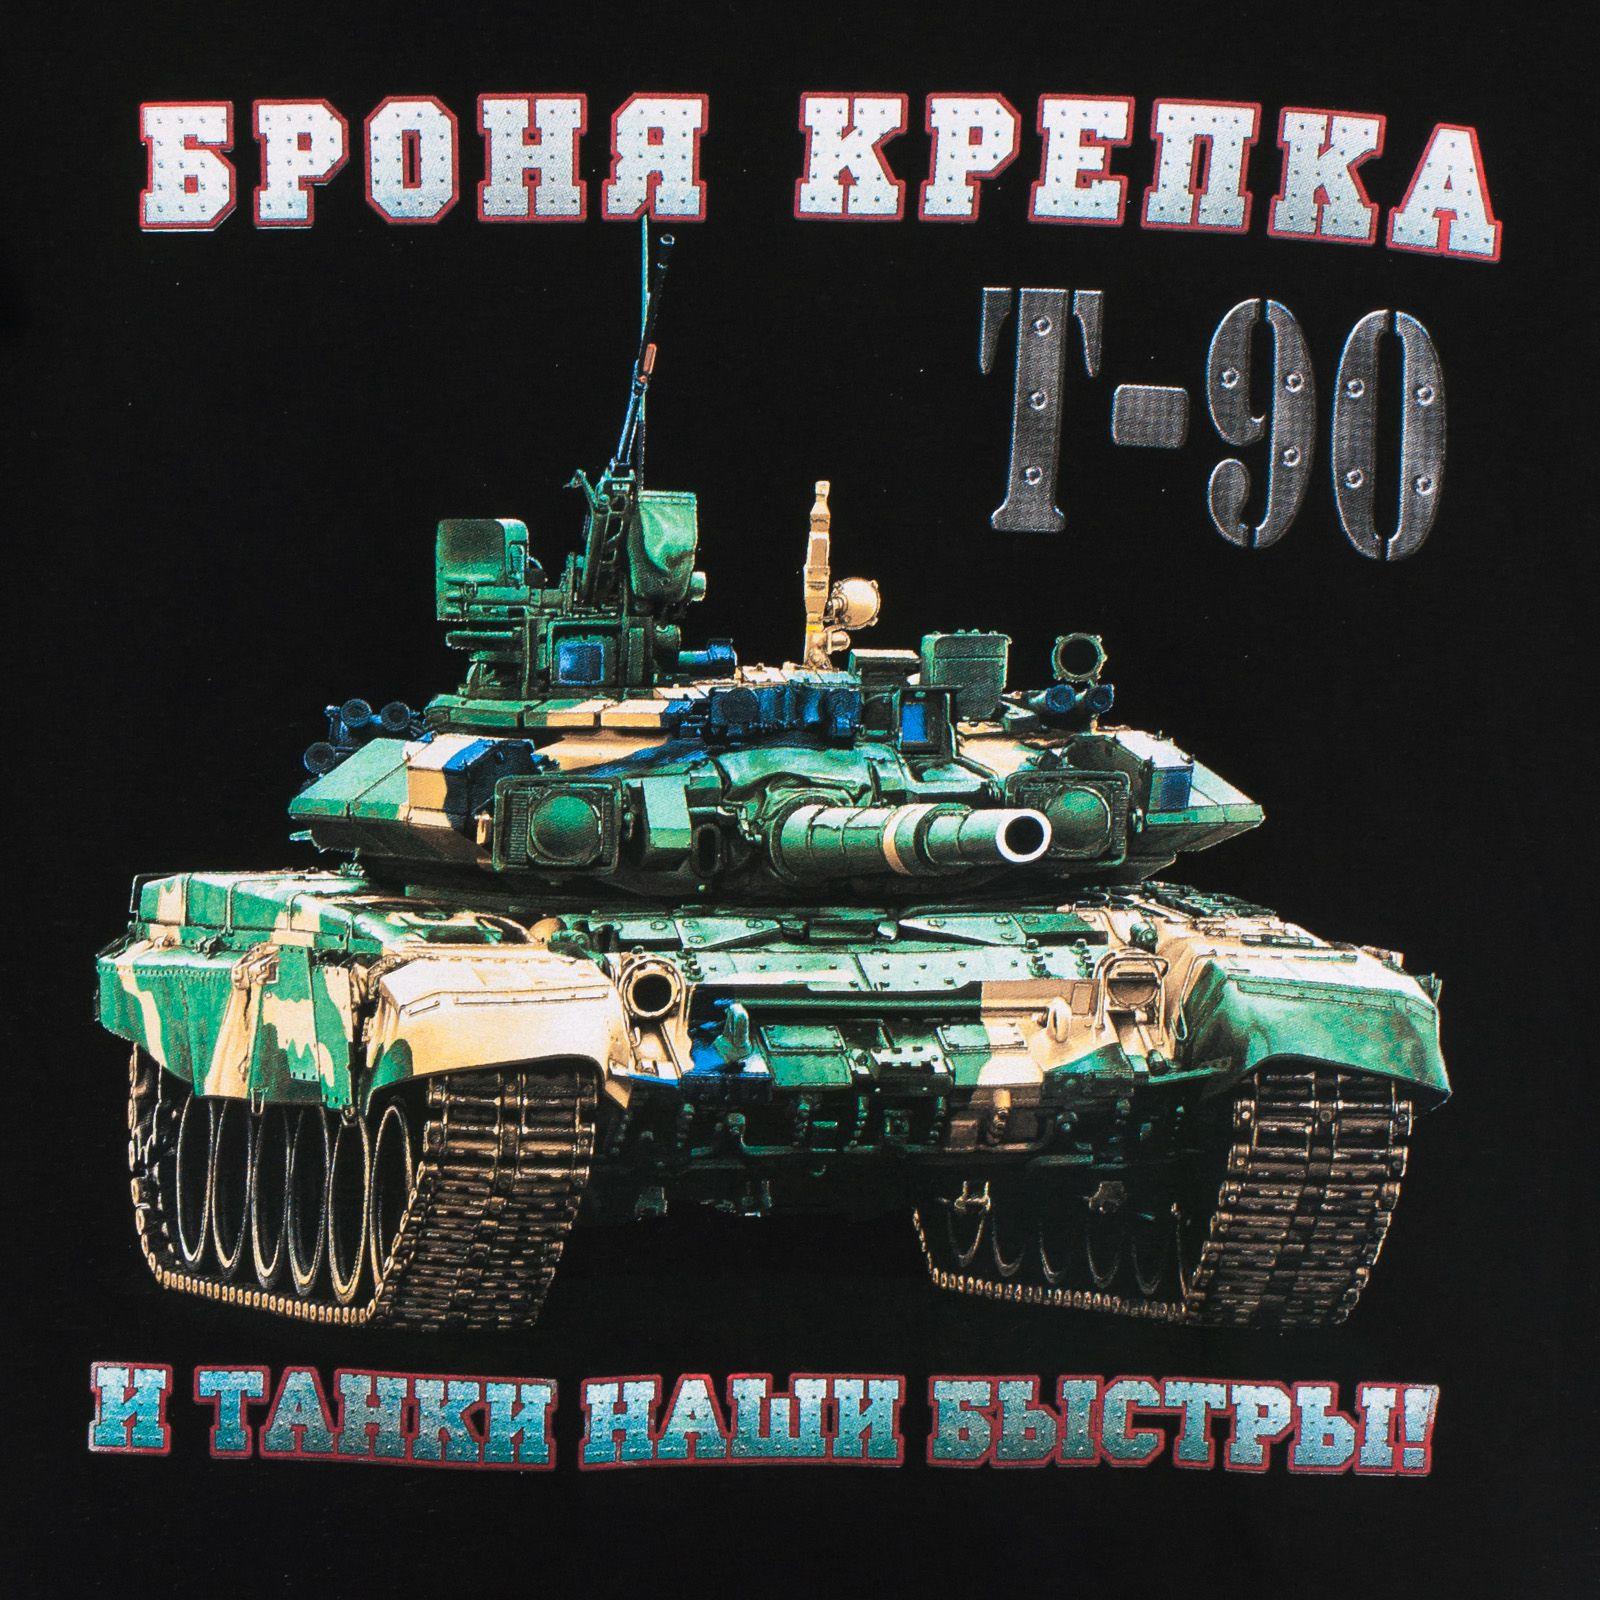 Футболка Танковые войска - оригинальный принт